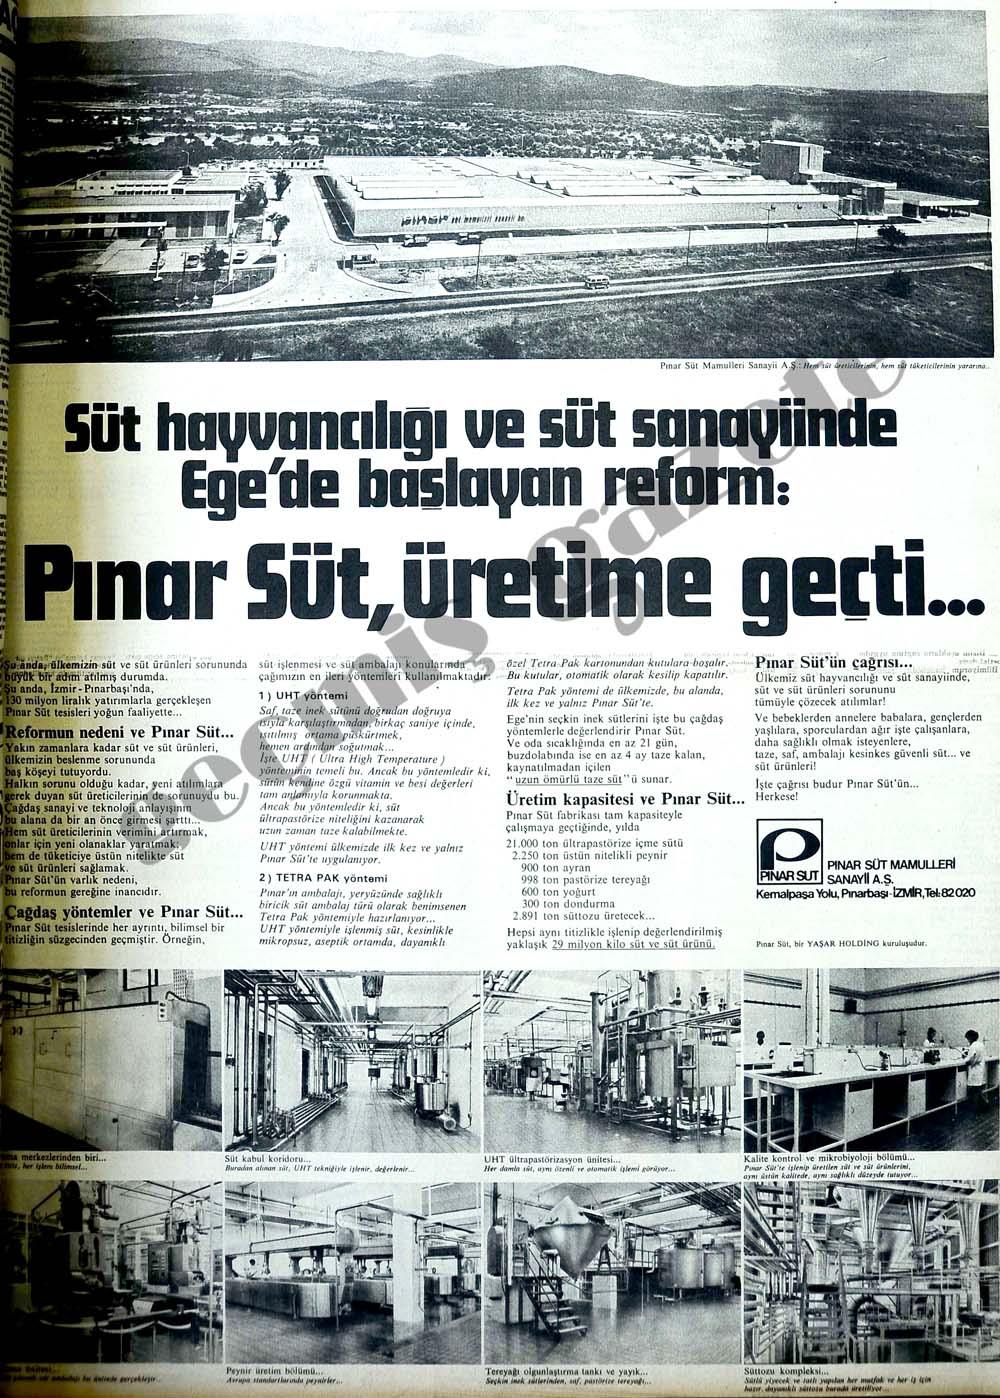 Pınar Süt, üretime geçti...